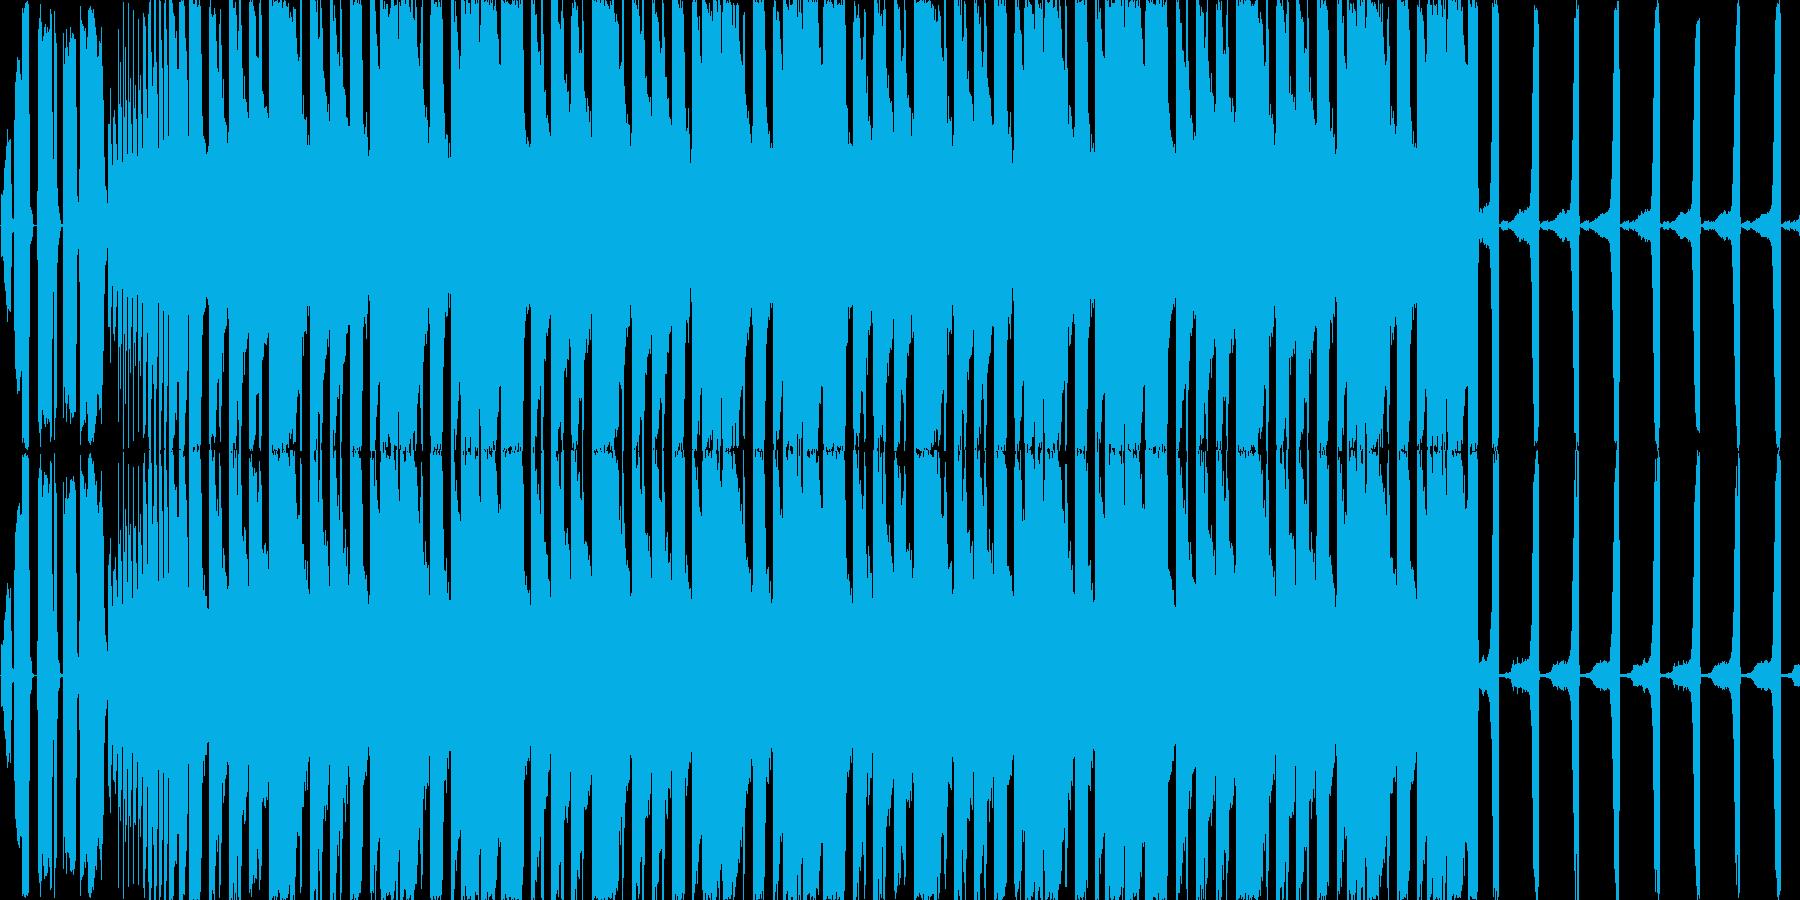 【ダンス/クラブ/ポップ】の再生済みの波形